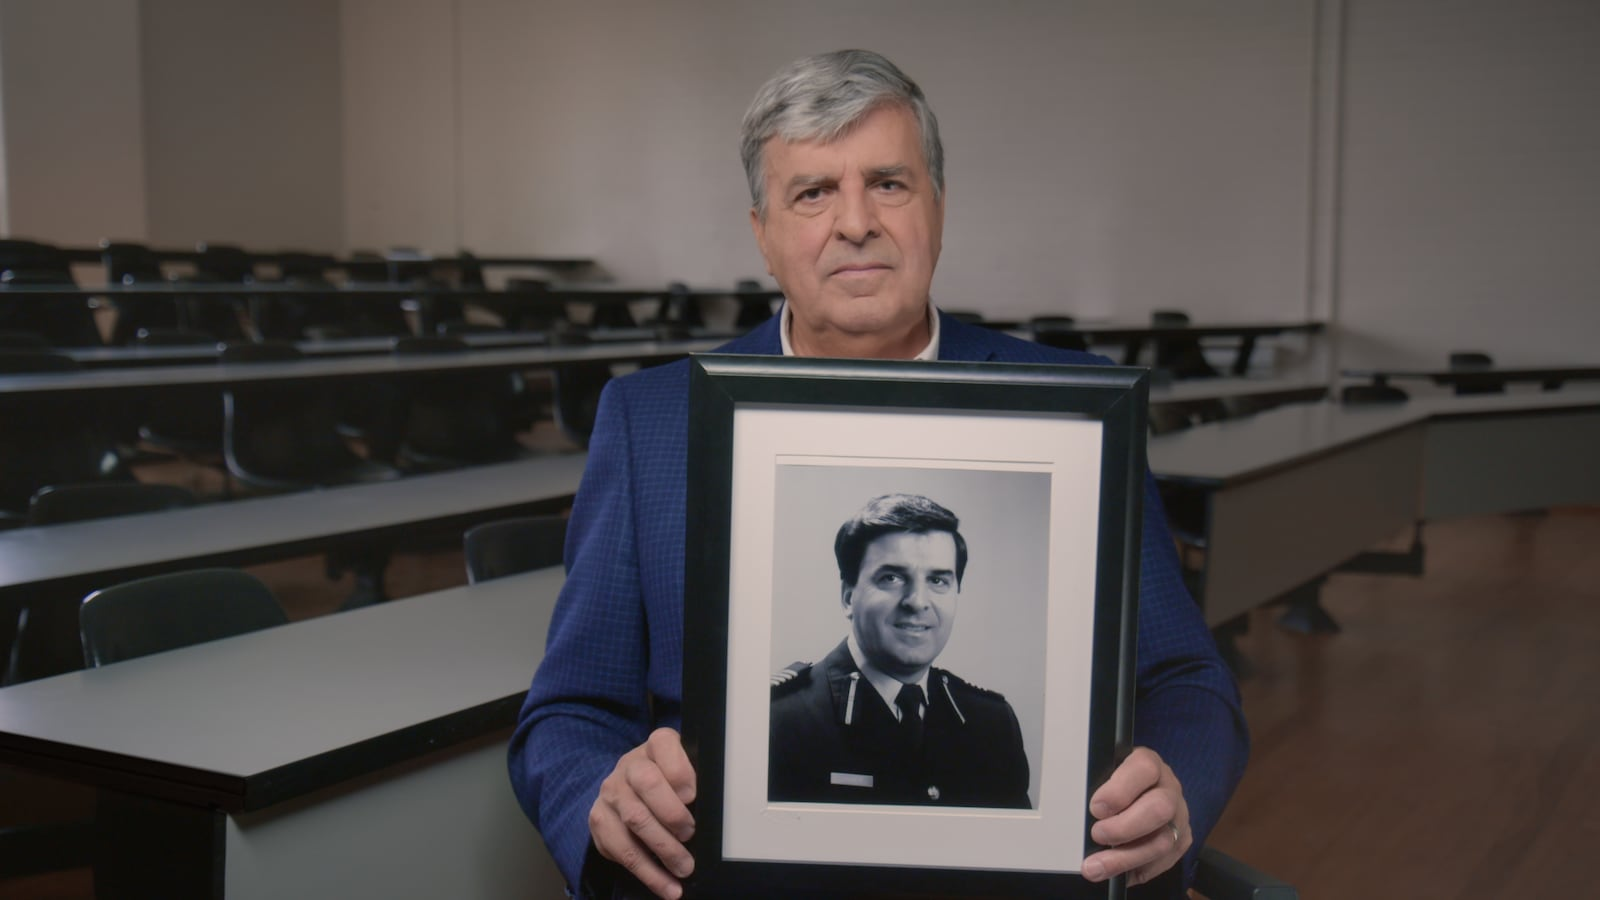 L'homme tient une photo de lui 30 ans plus tôt.